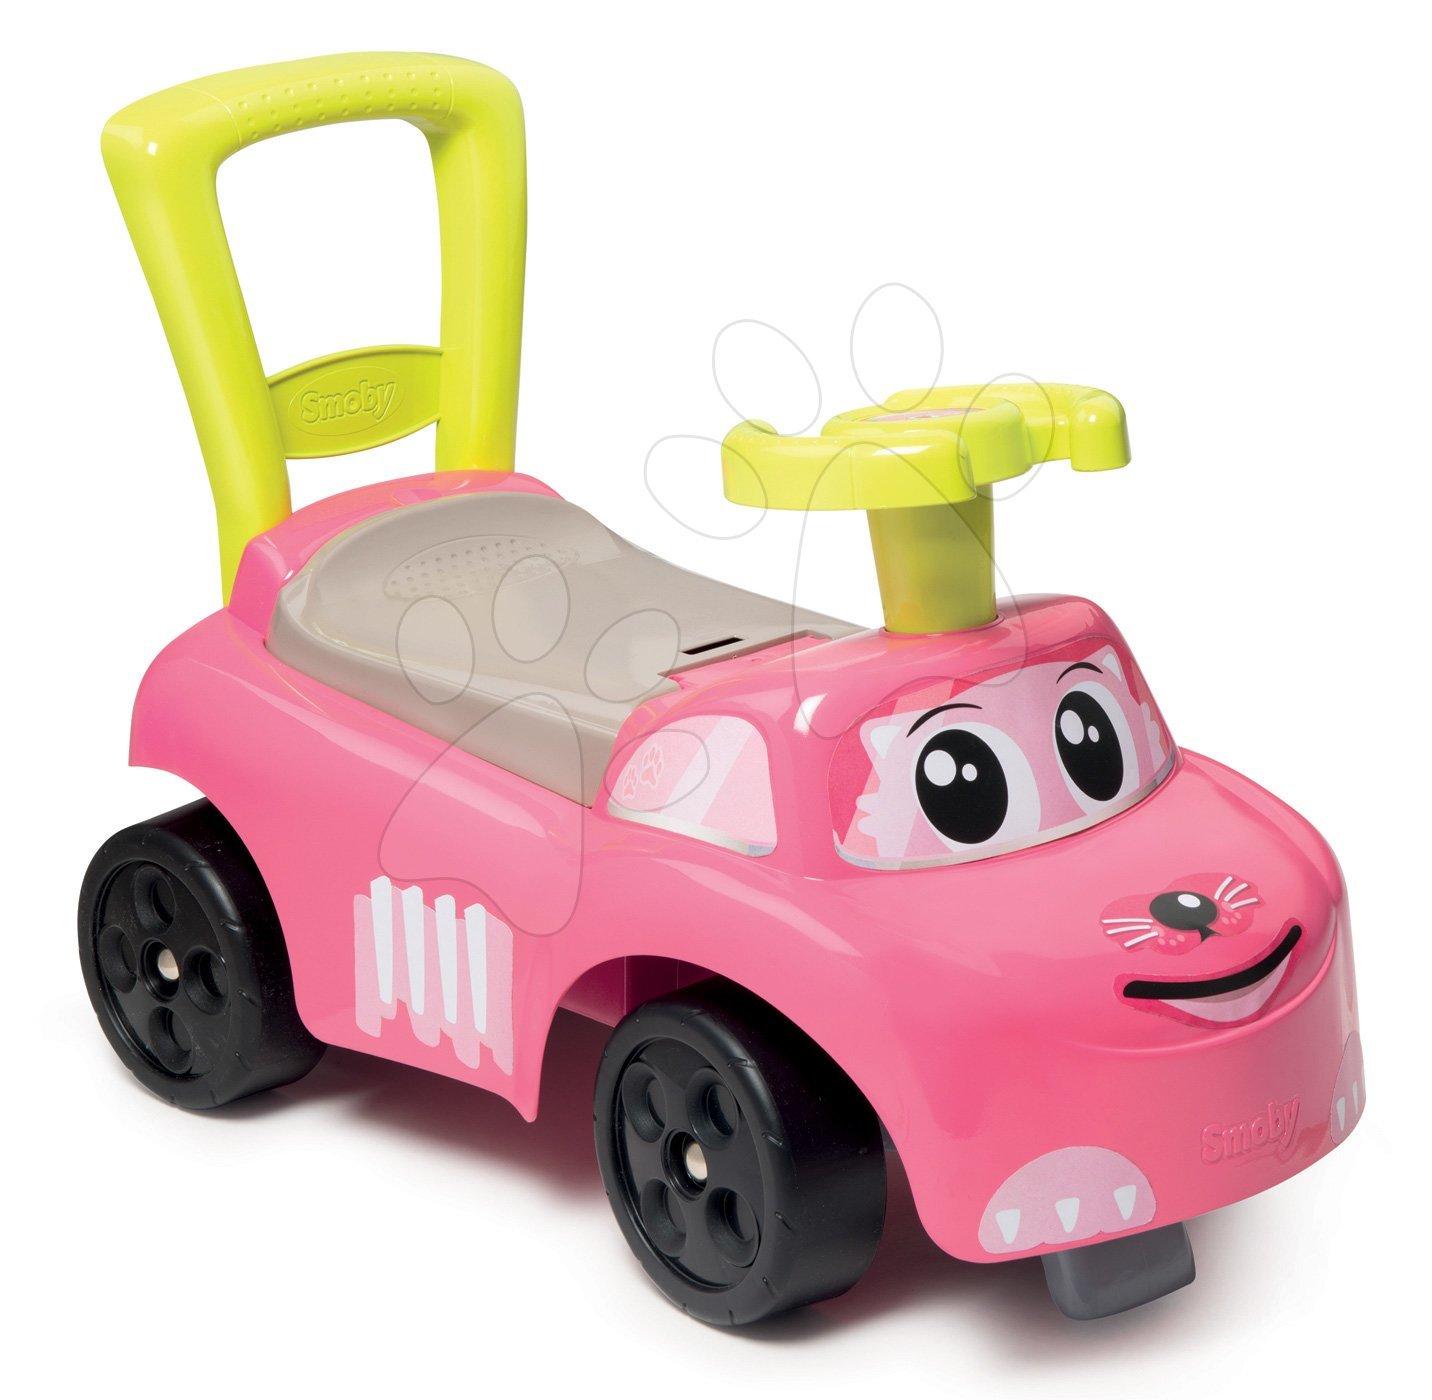 Smoby odrážedlo a chodítko Auta Pink Ride-on 2v1 růžové 720518